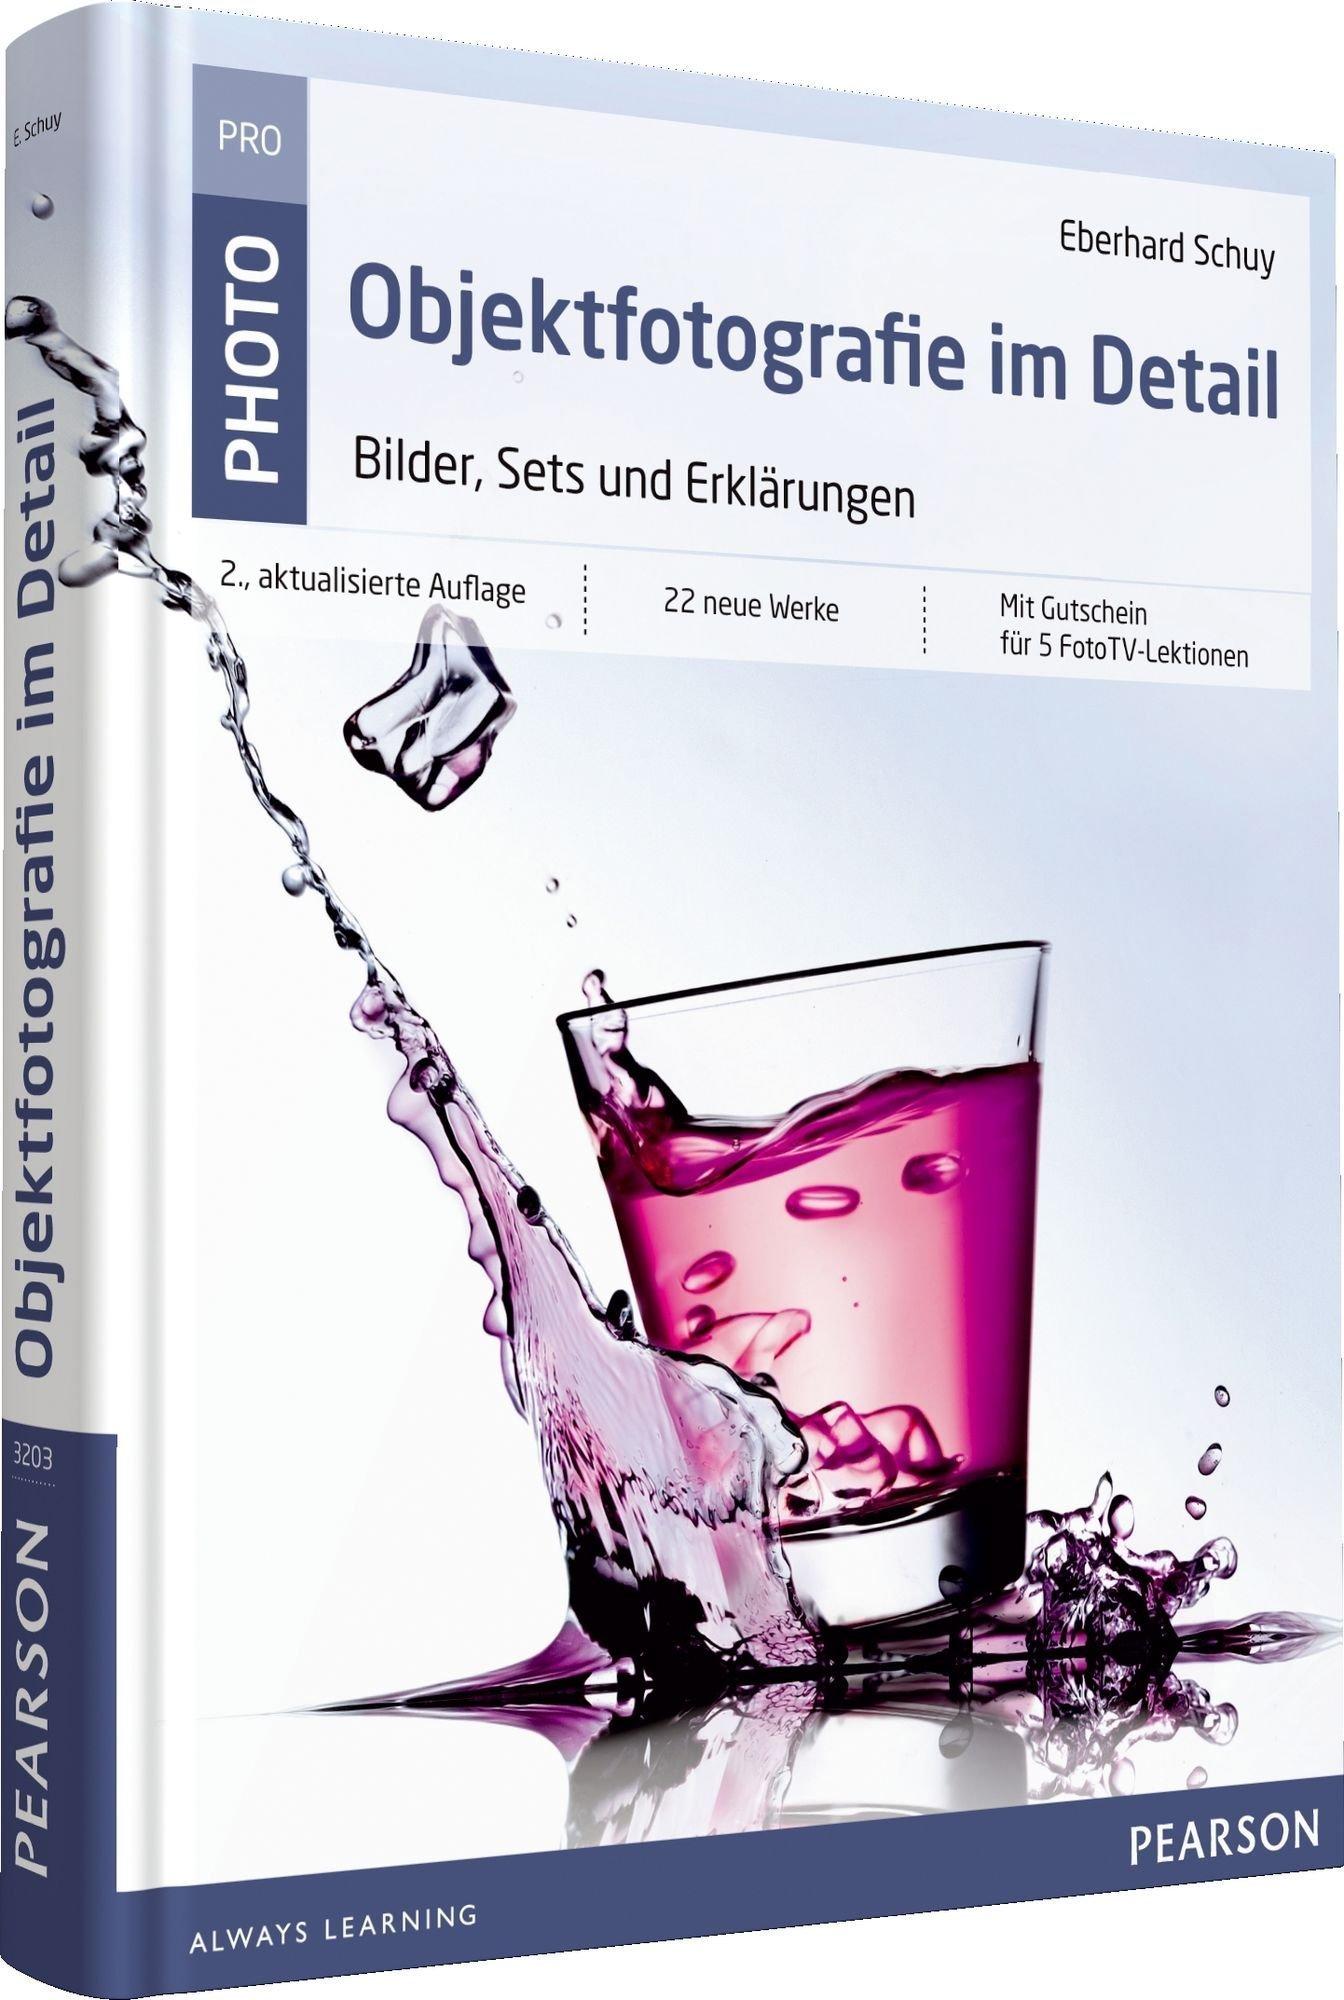 Objektfotografie im Detail: Bilder, Sets und Erklärungen (Pearson Photo) von Eberhard Schuy (1. Dezember 2012) Gebundene Ausgabe